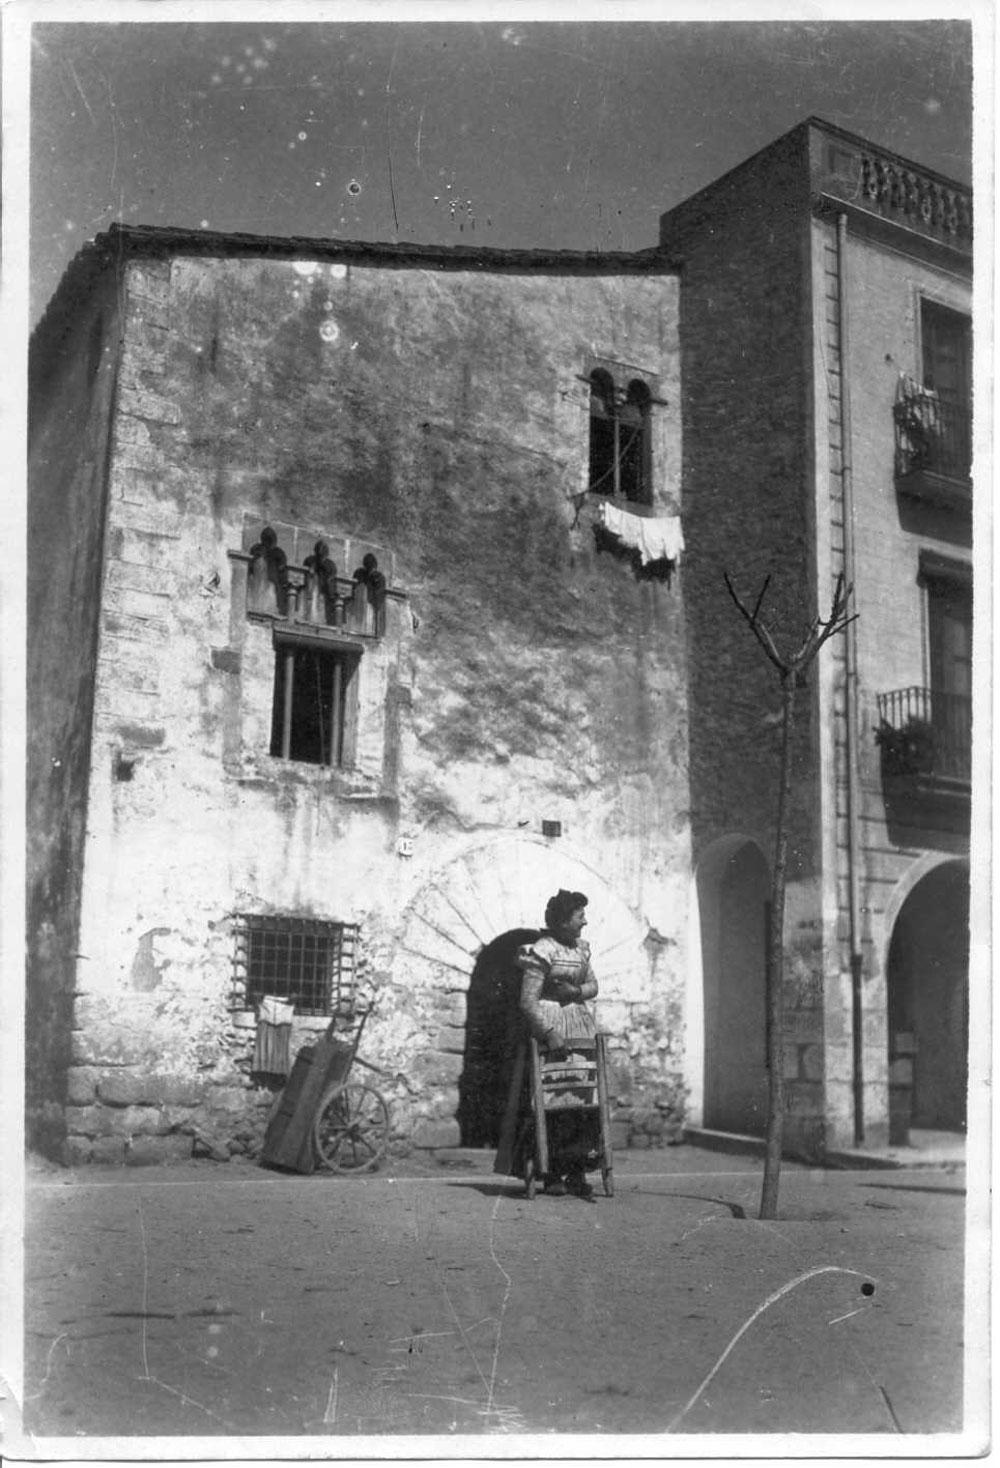 Façana de can Garjola, a la plaça del Mercat, l'any 1908 AMSFG. Col·lecció Josep Escortell (Autor: desconegut).